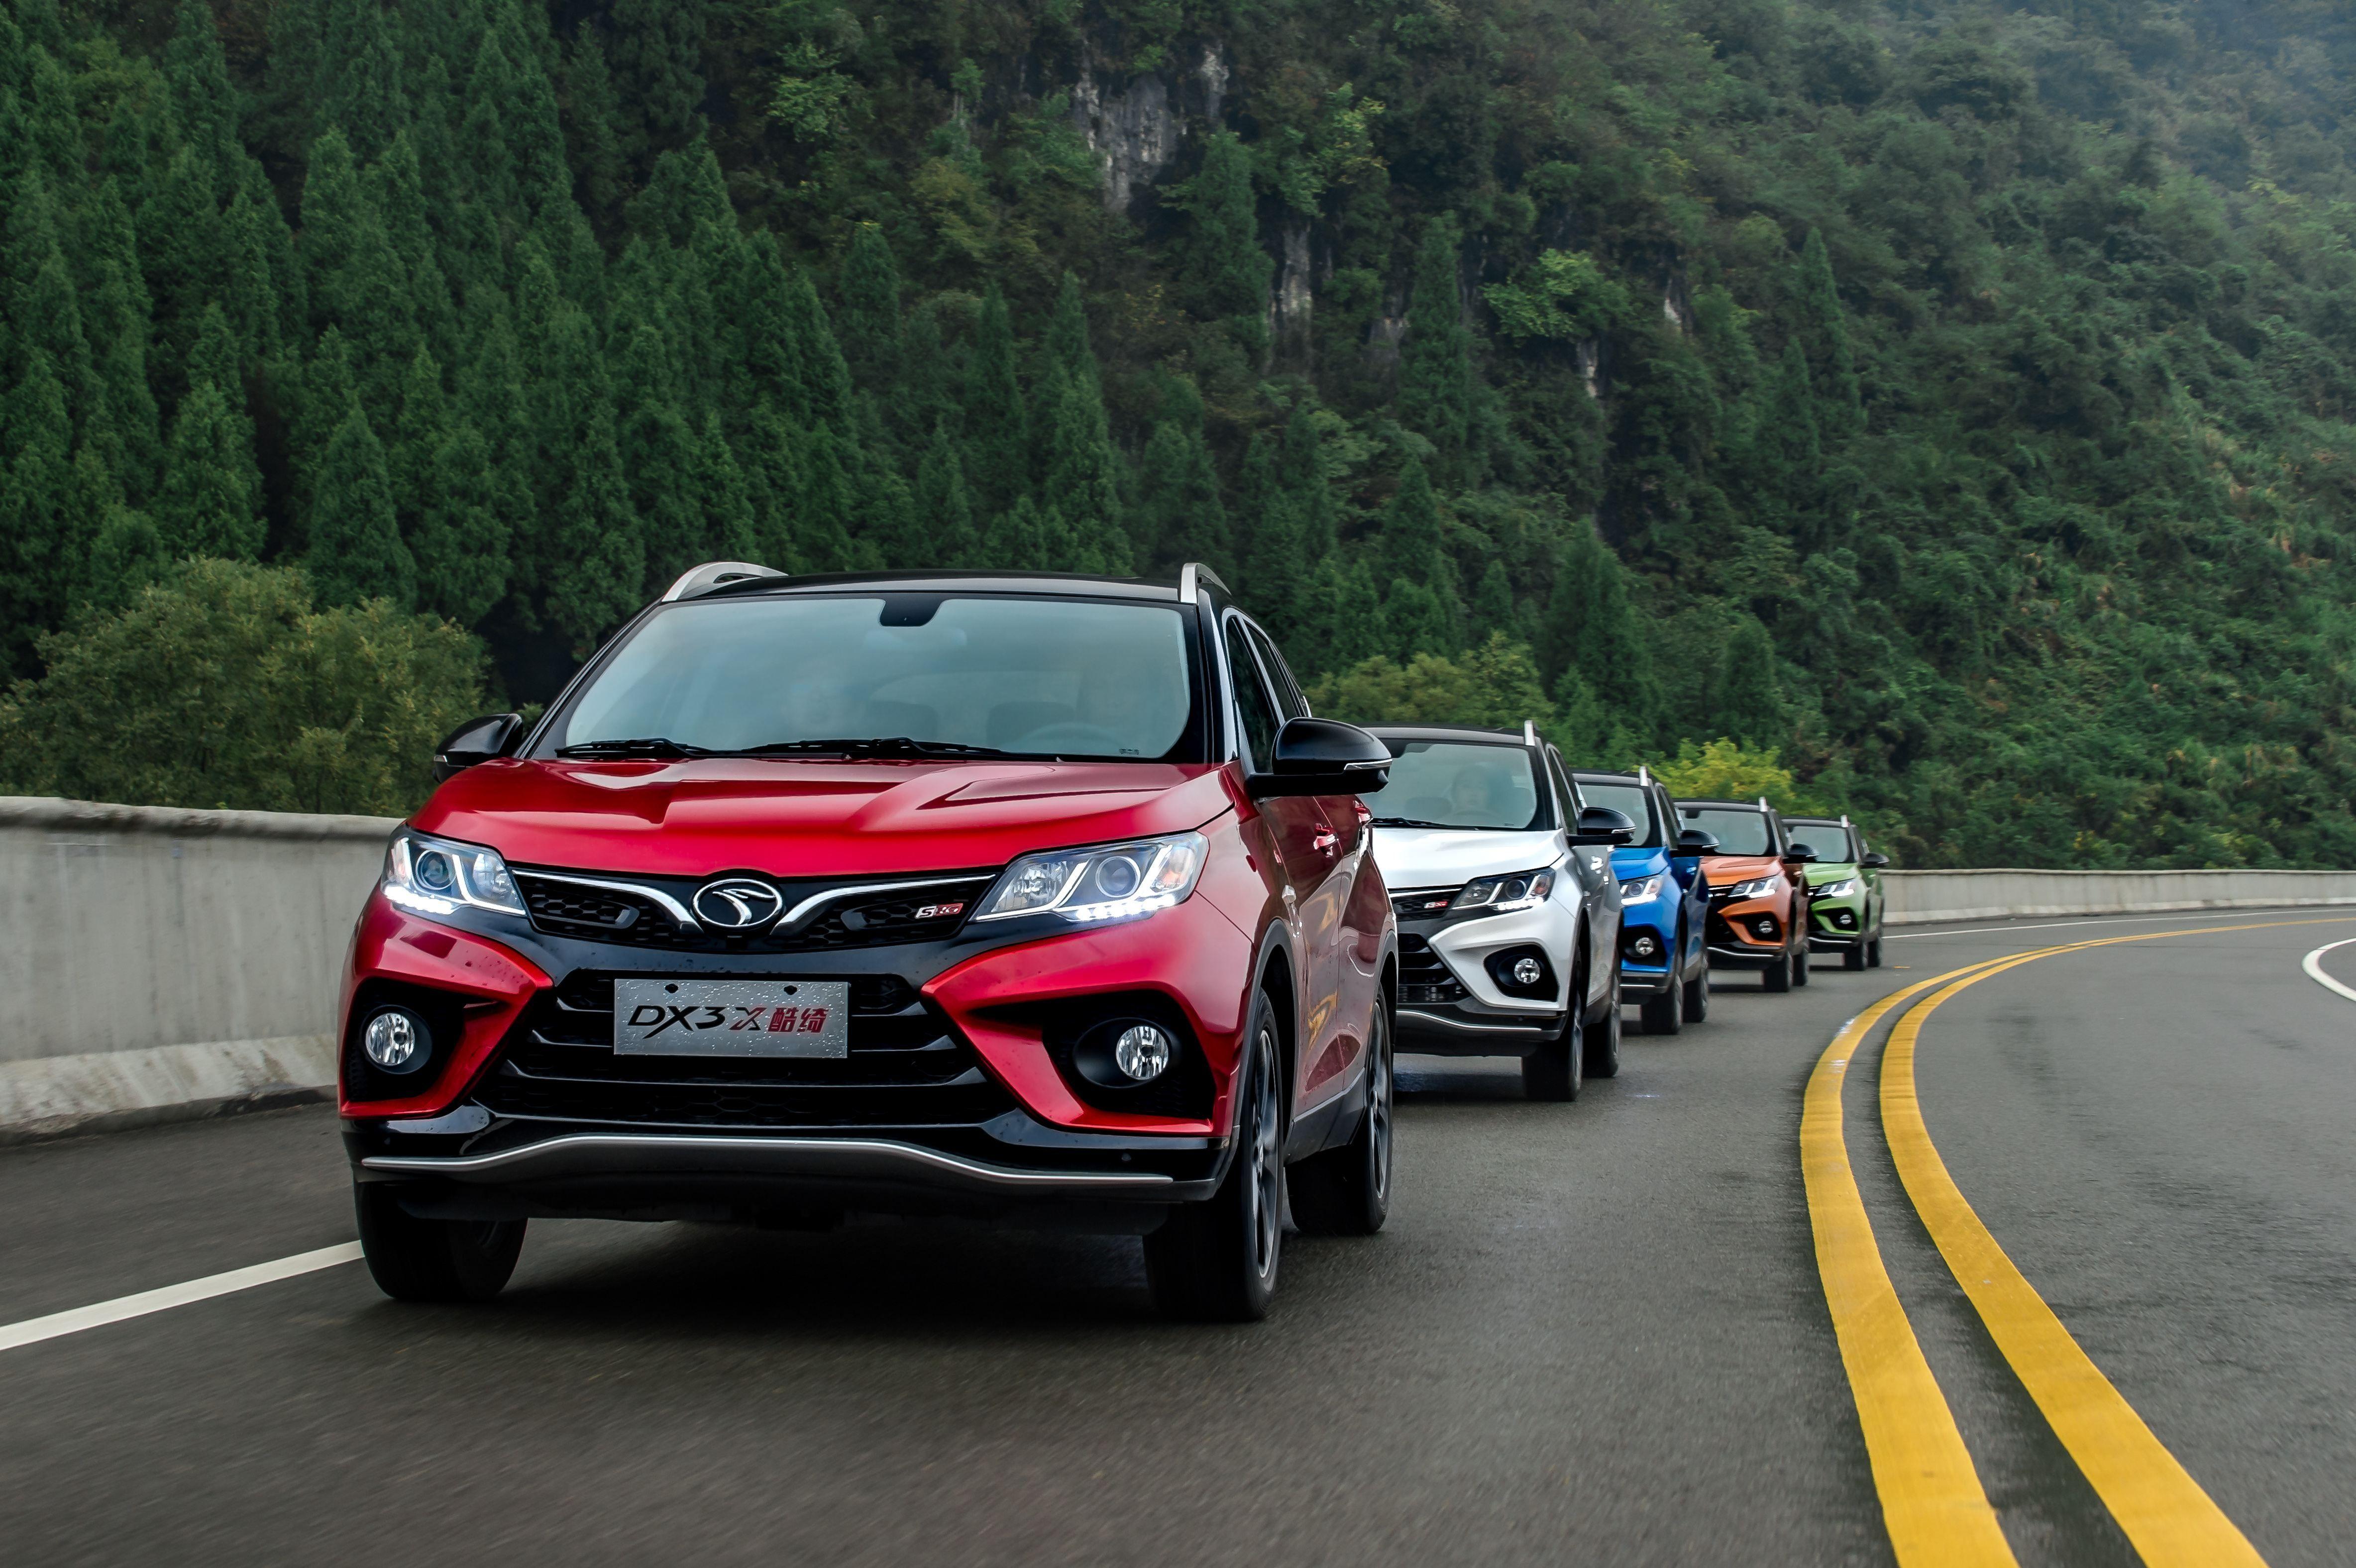 颜值逆天,配置丰富,1.5T+8速CVT动力,这款SUV能大卖吗